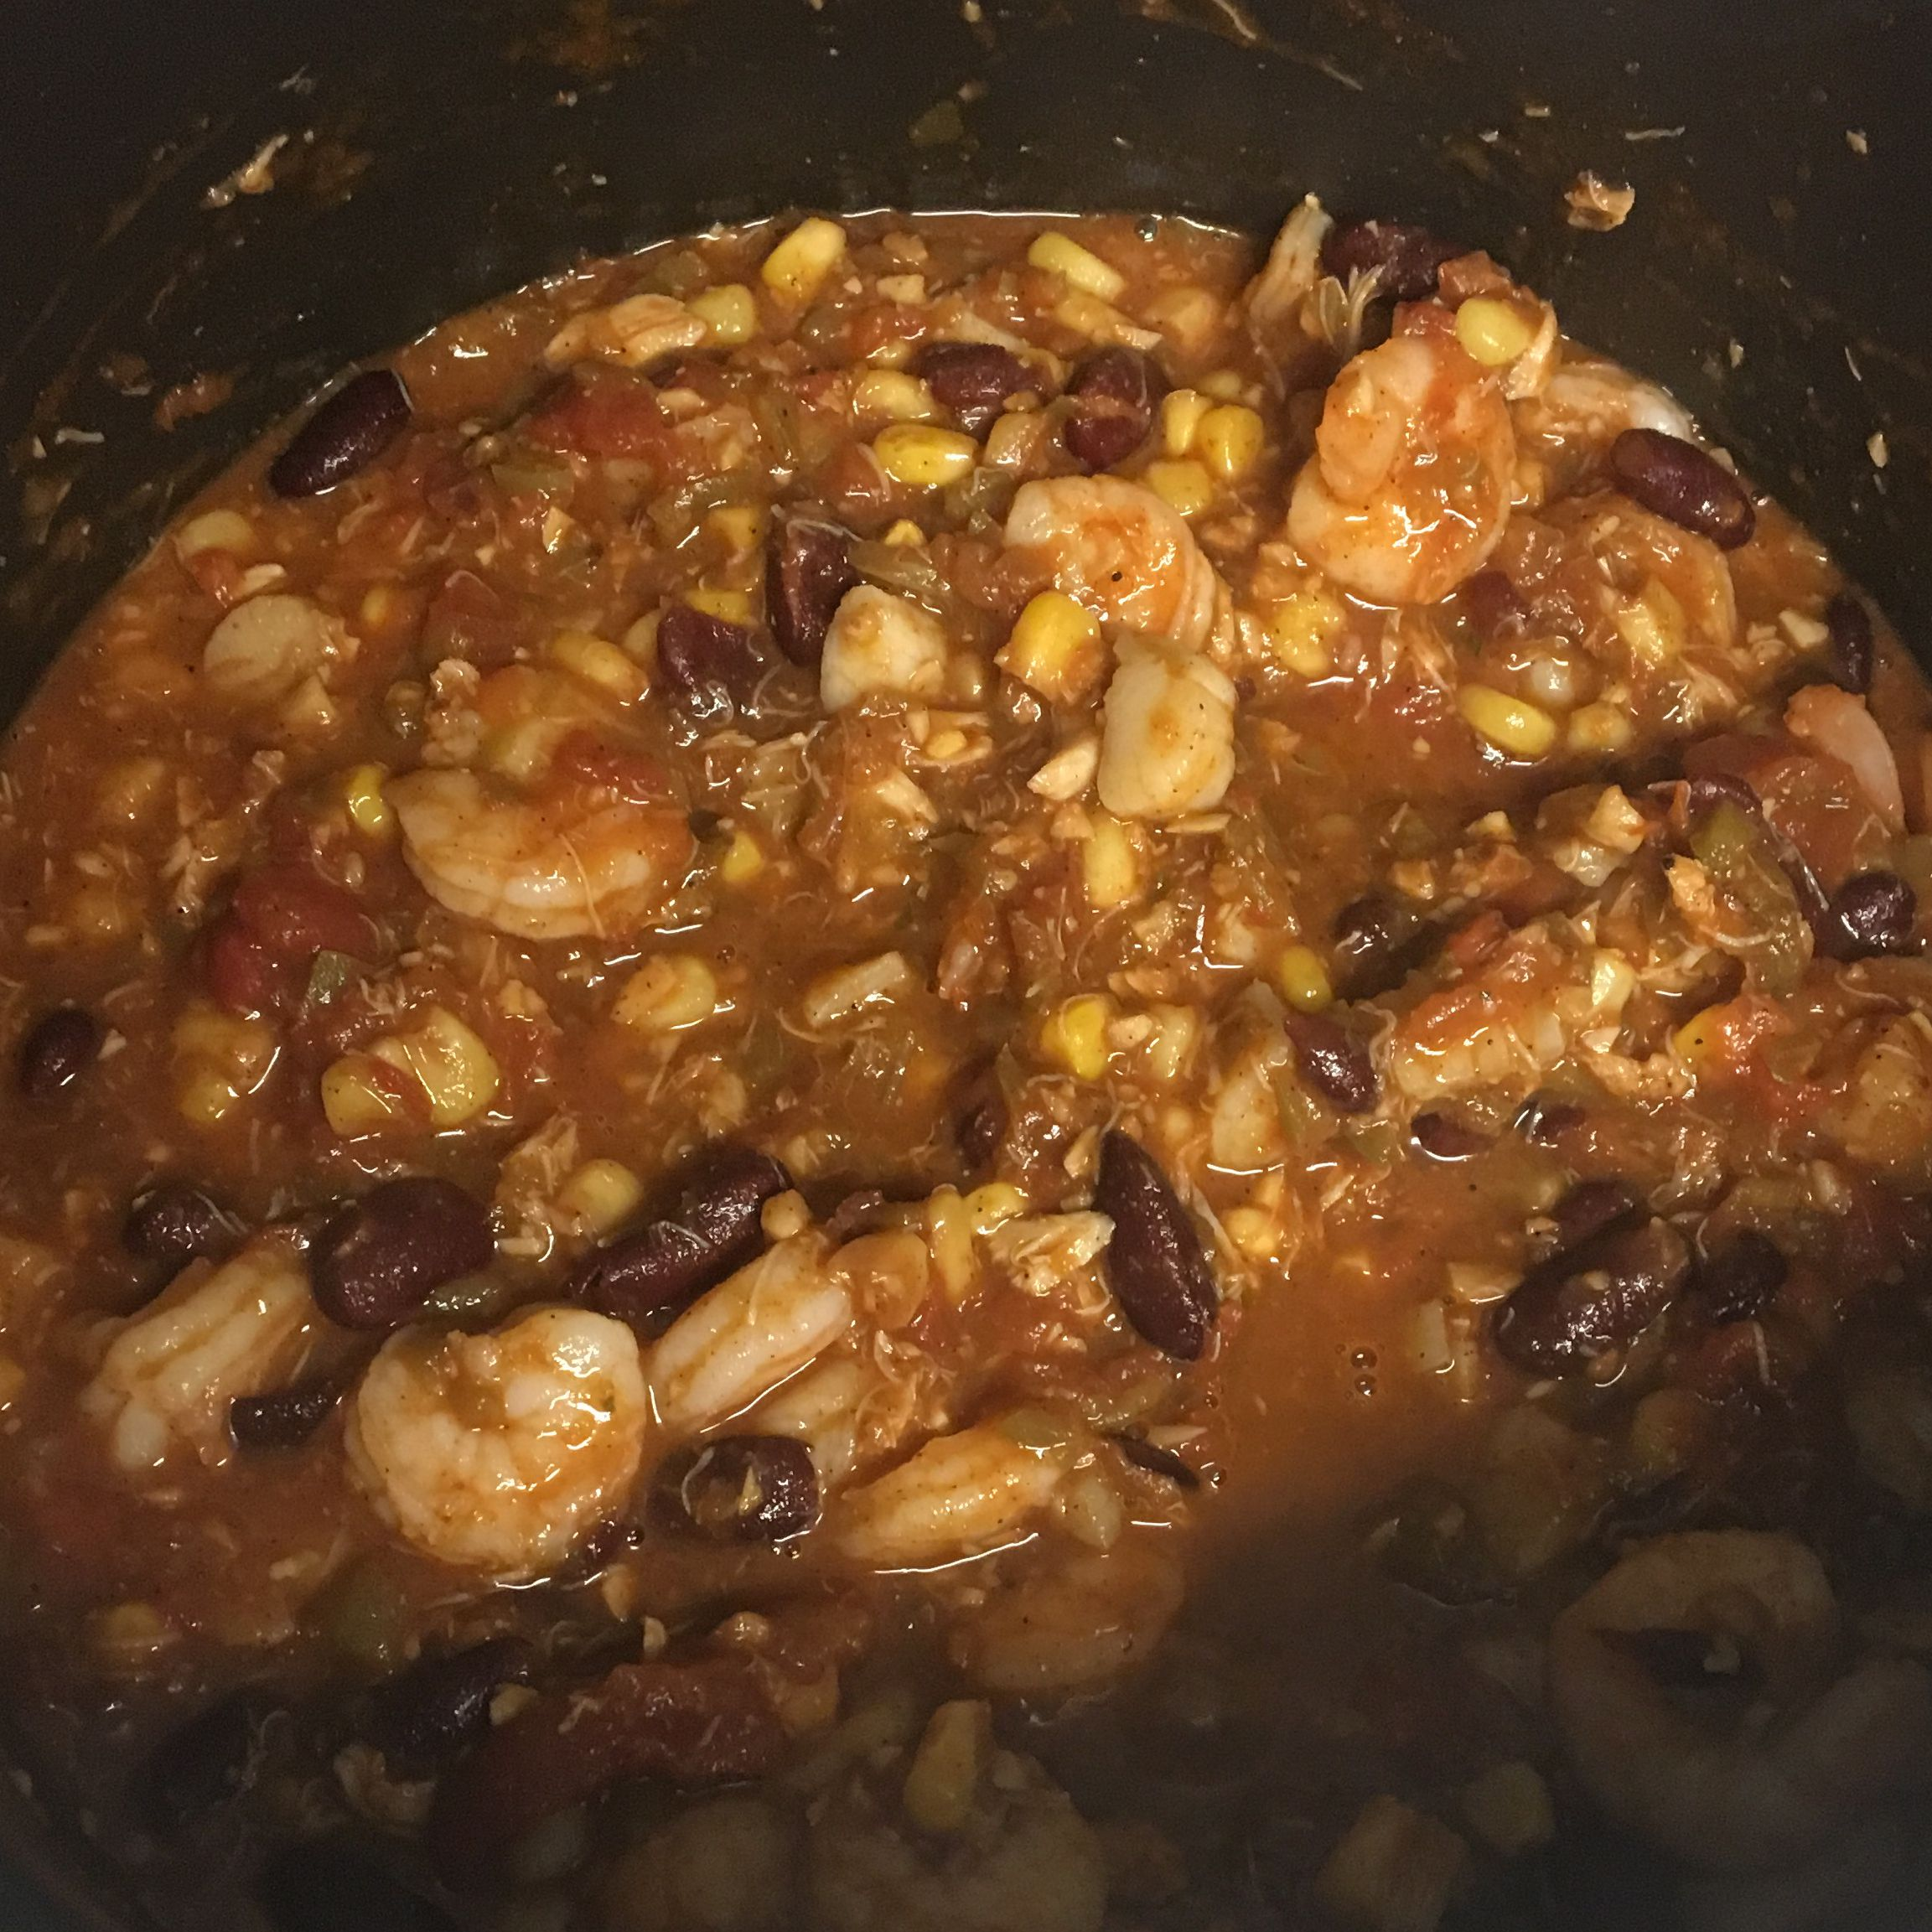 Seafood chili, Unique chili recipes ...